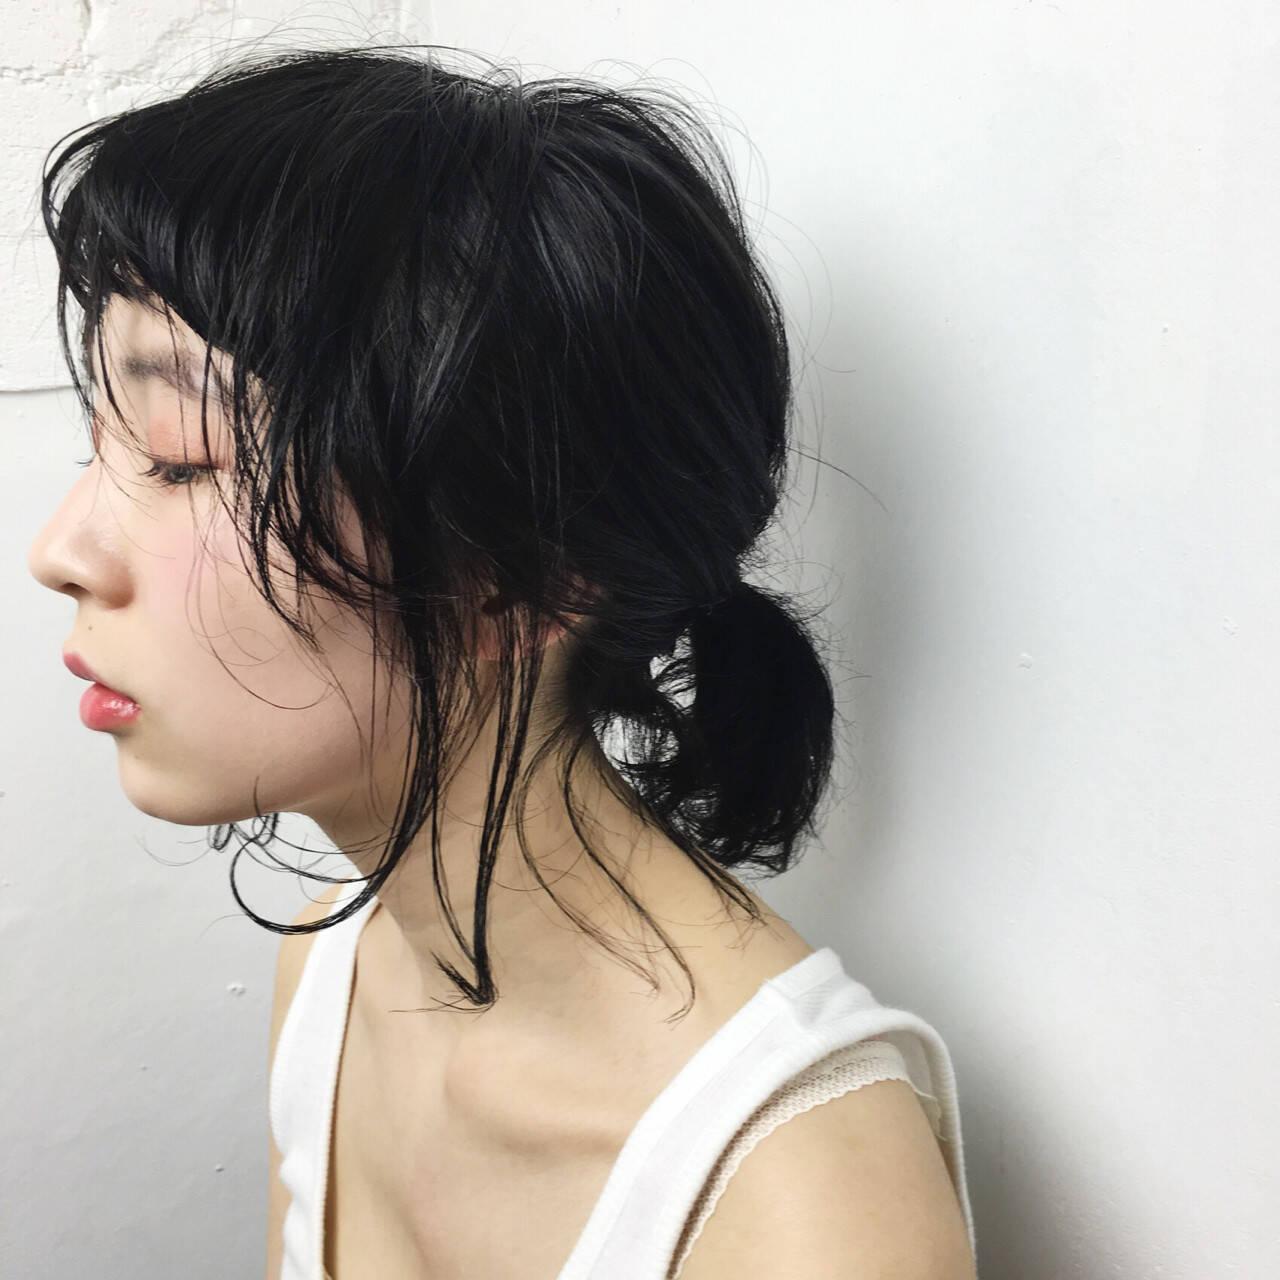 ナチュラル 外ハネ 黒髪 簡単ヘアアレンジヘアスタイルや髪型の写真・画像